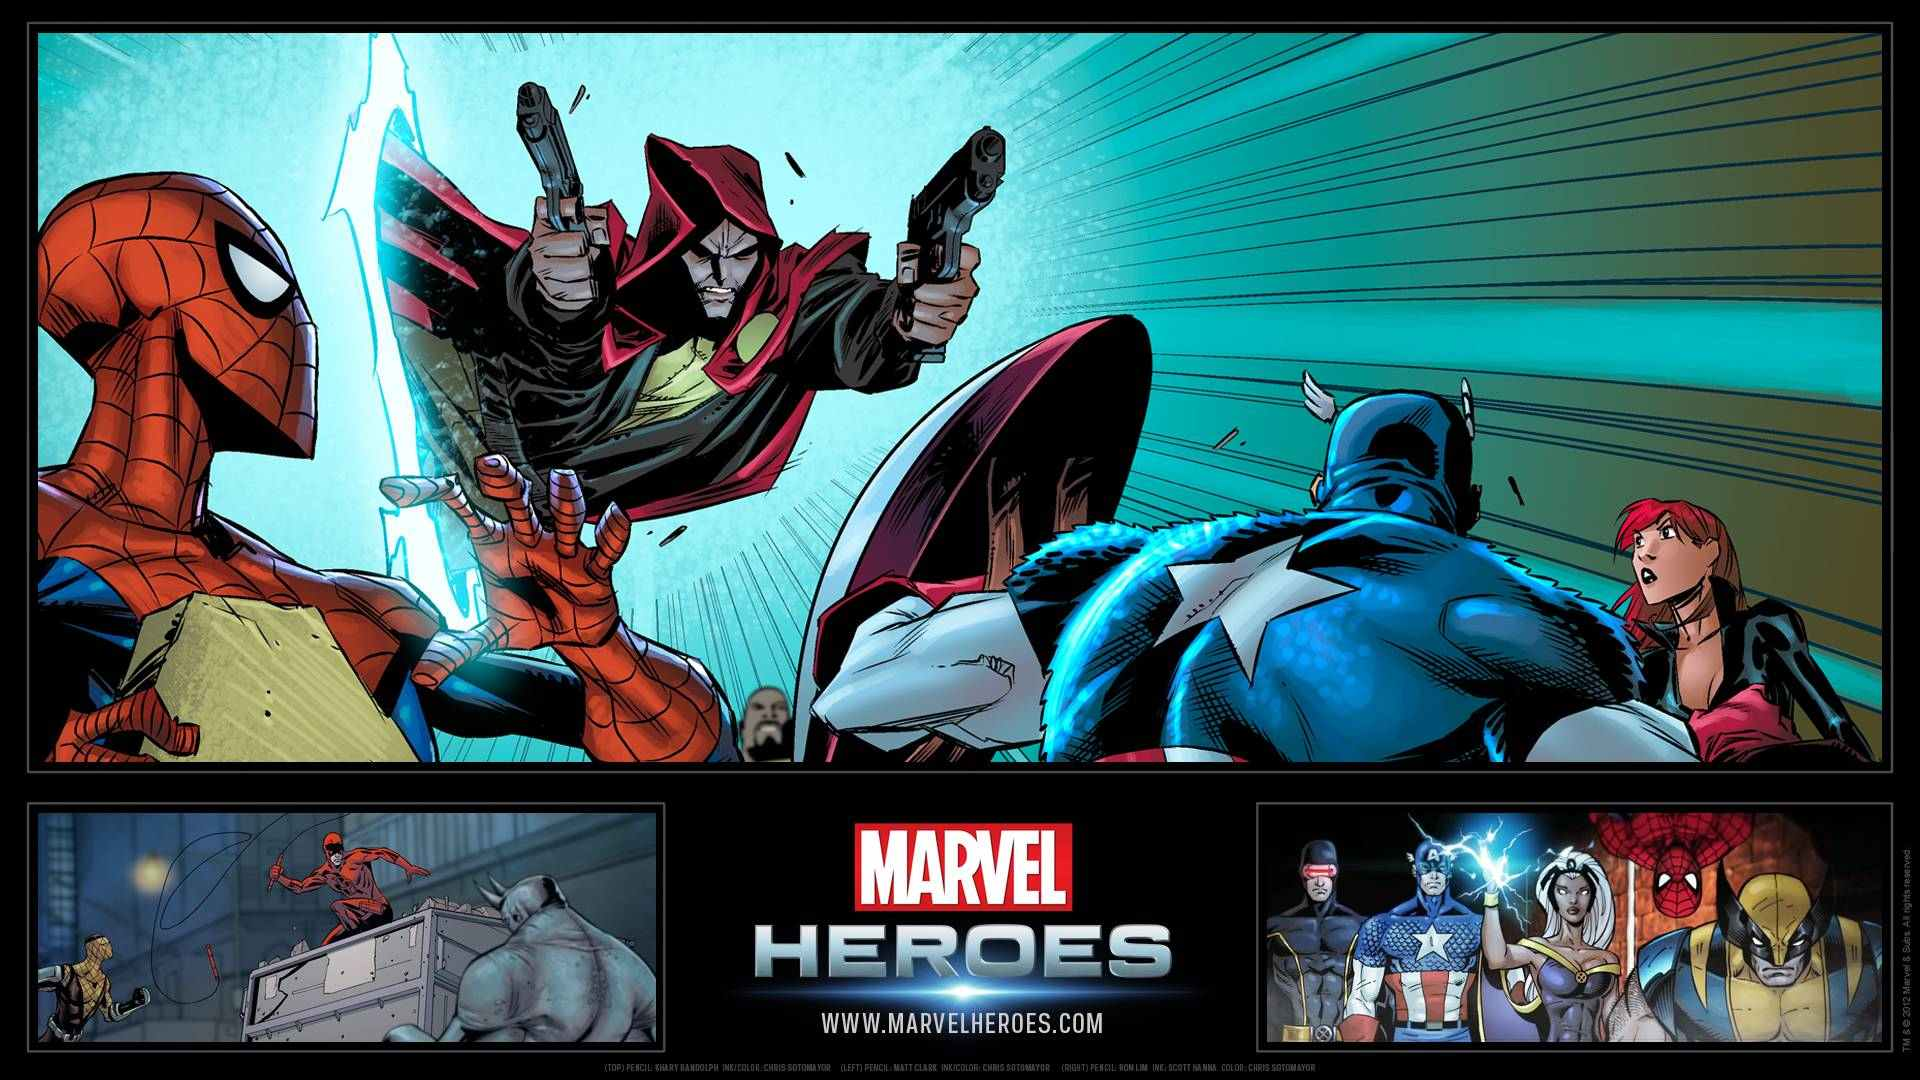 marvel heroes 2015 wallpapers